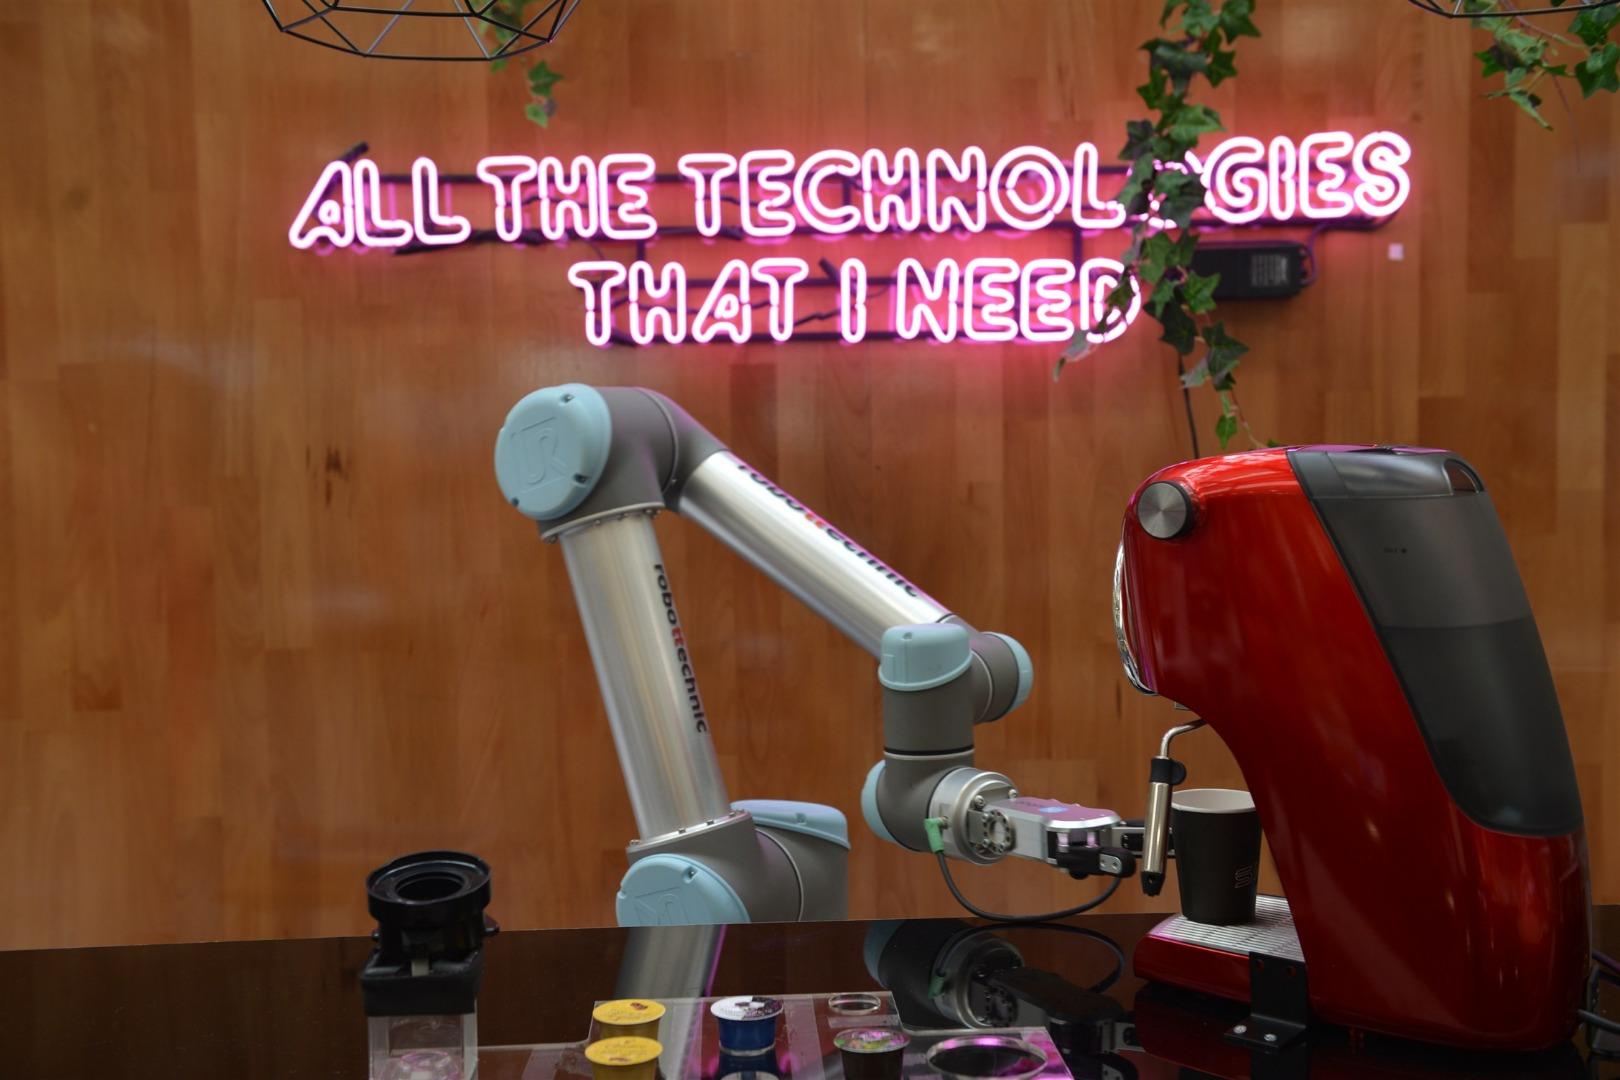 Geleceğin teknolojileri ANKAmall'da teknoloji severlerle buluşuyor